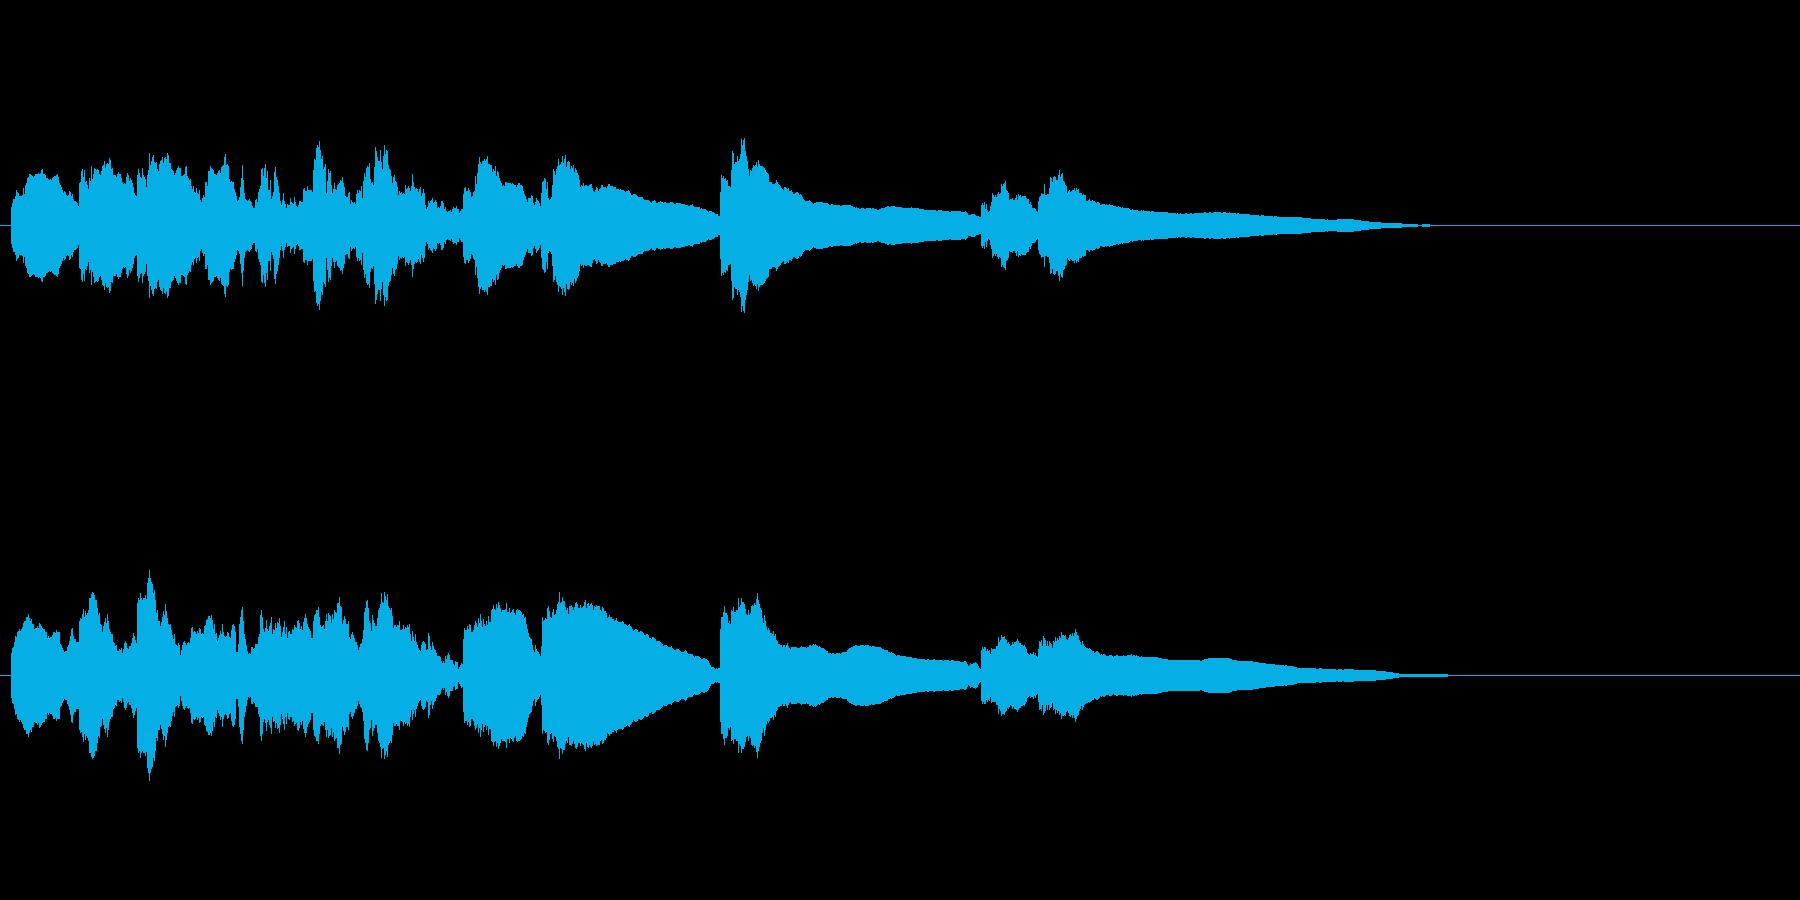 エレキギター3弦チューニング2リバーブの再生済みの波形